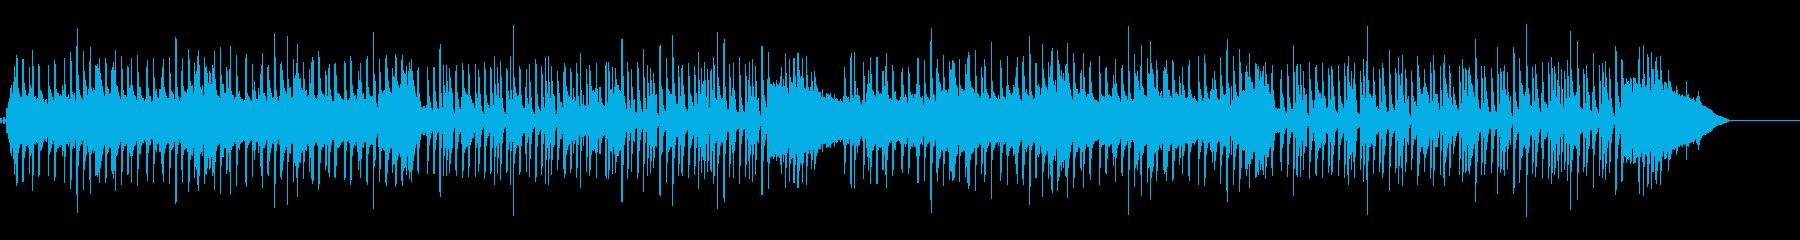 変拍子が特徴的なピアノとギターのプログレの再生済みの波形